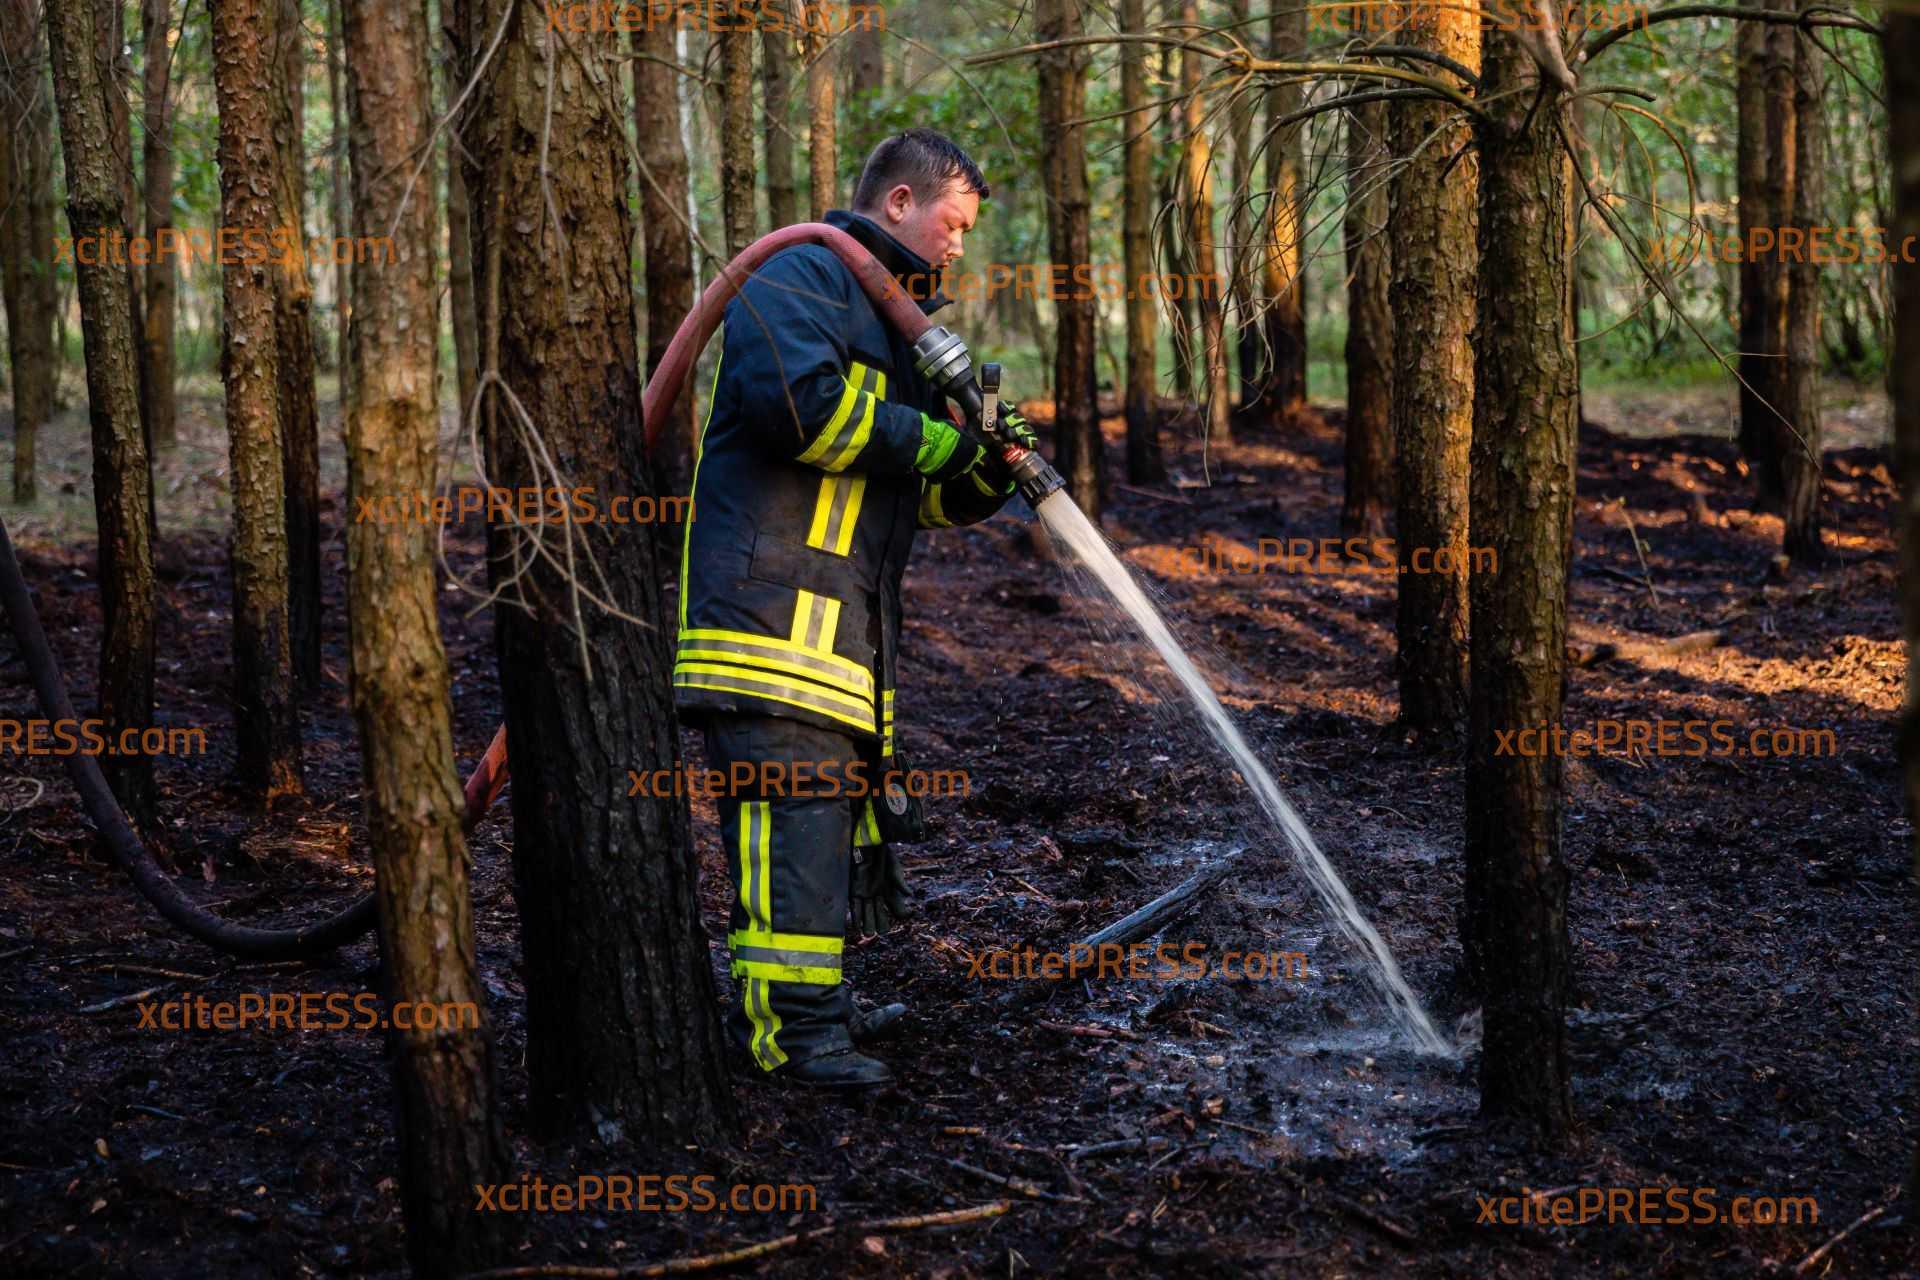 Waldboden gerät bei Skaska in Brand!: Waldbrandwachtürme entdecken das Feuer